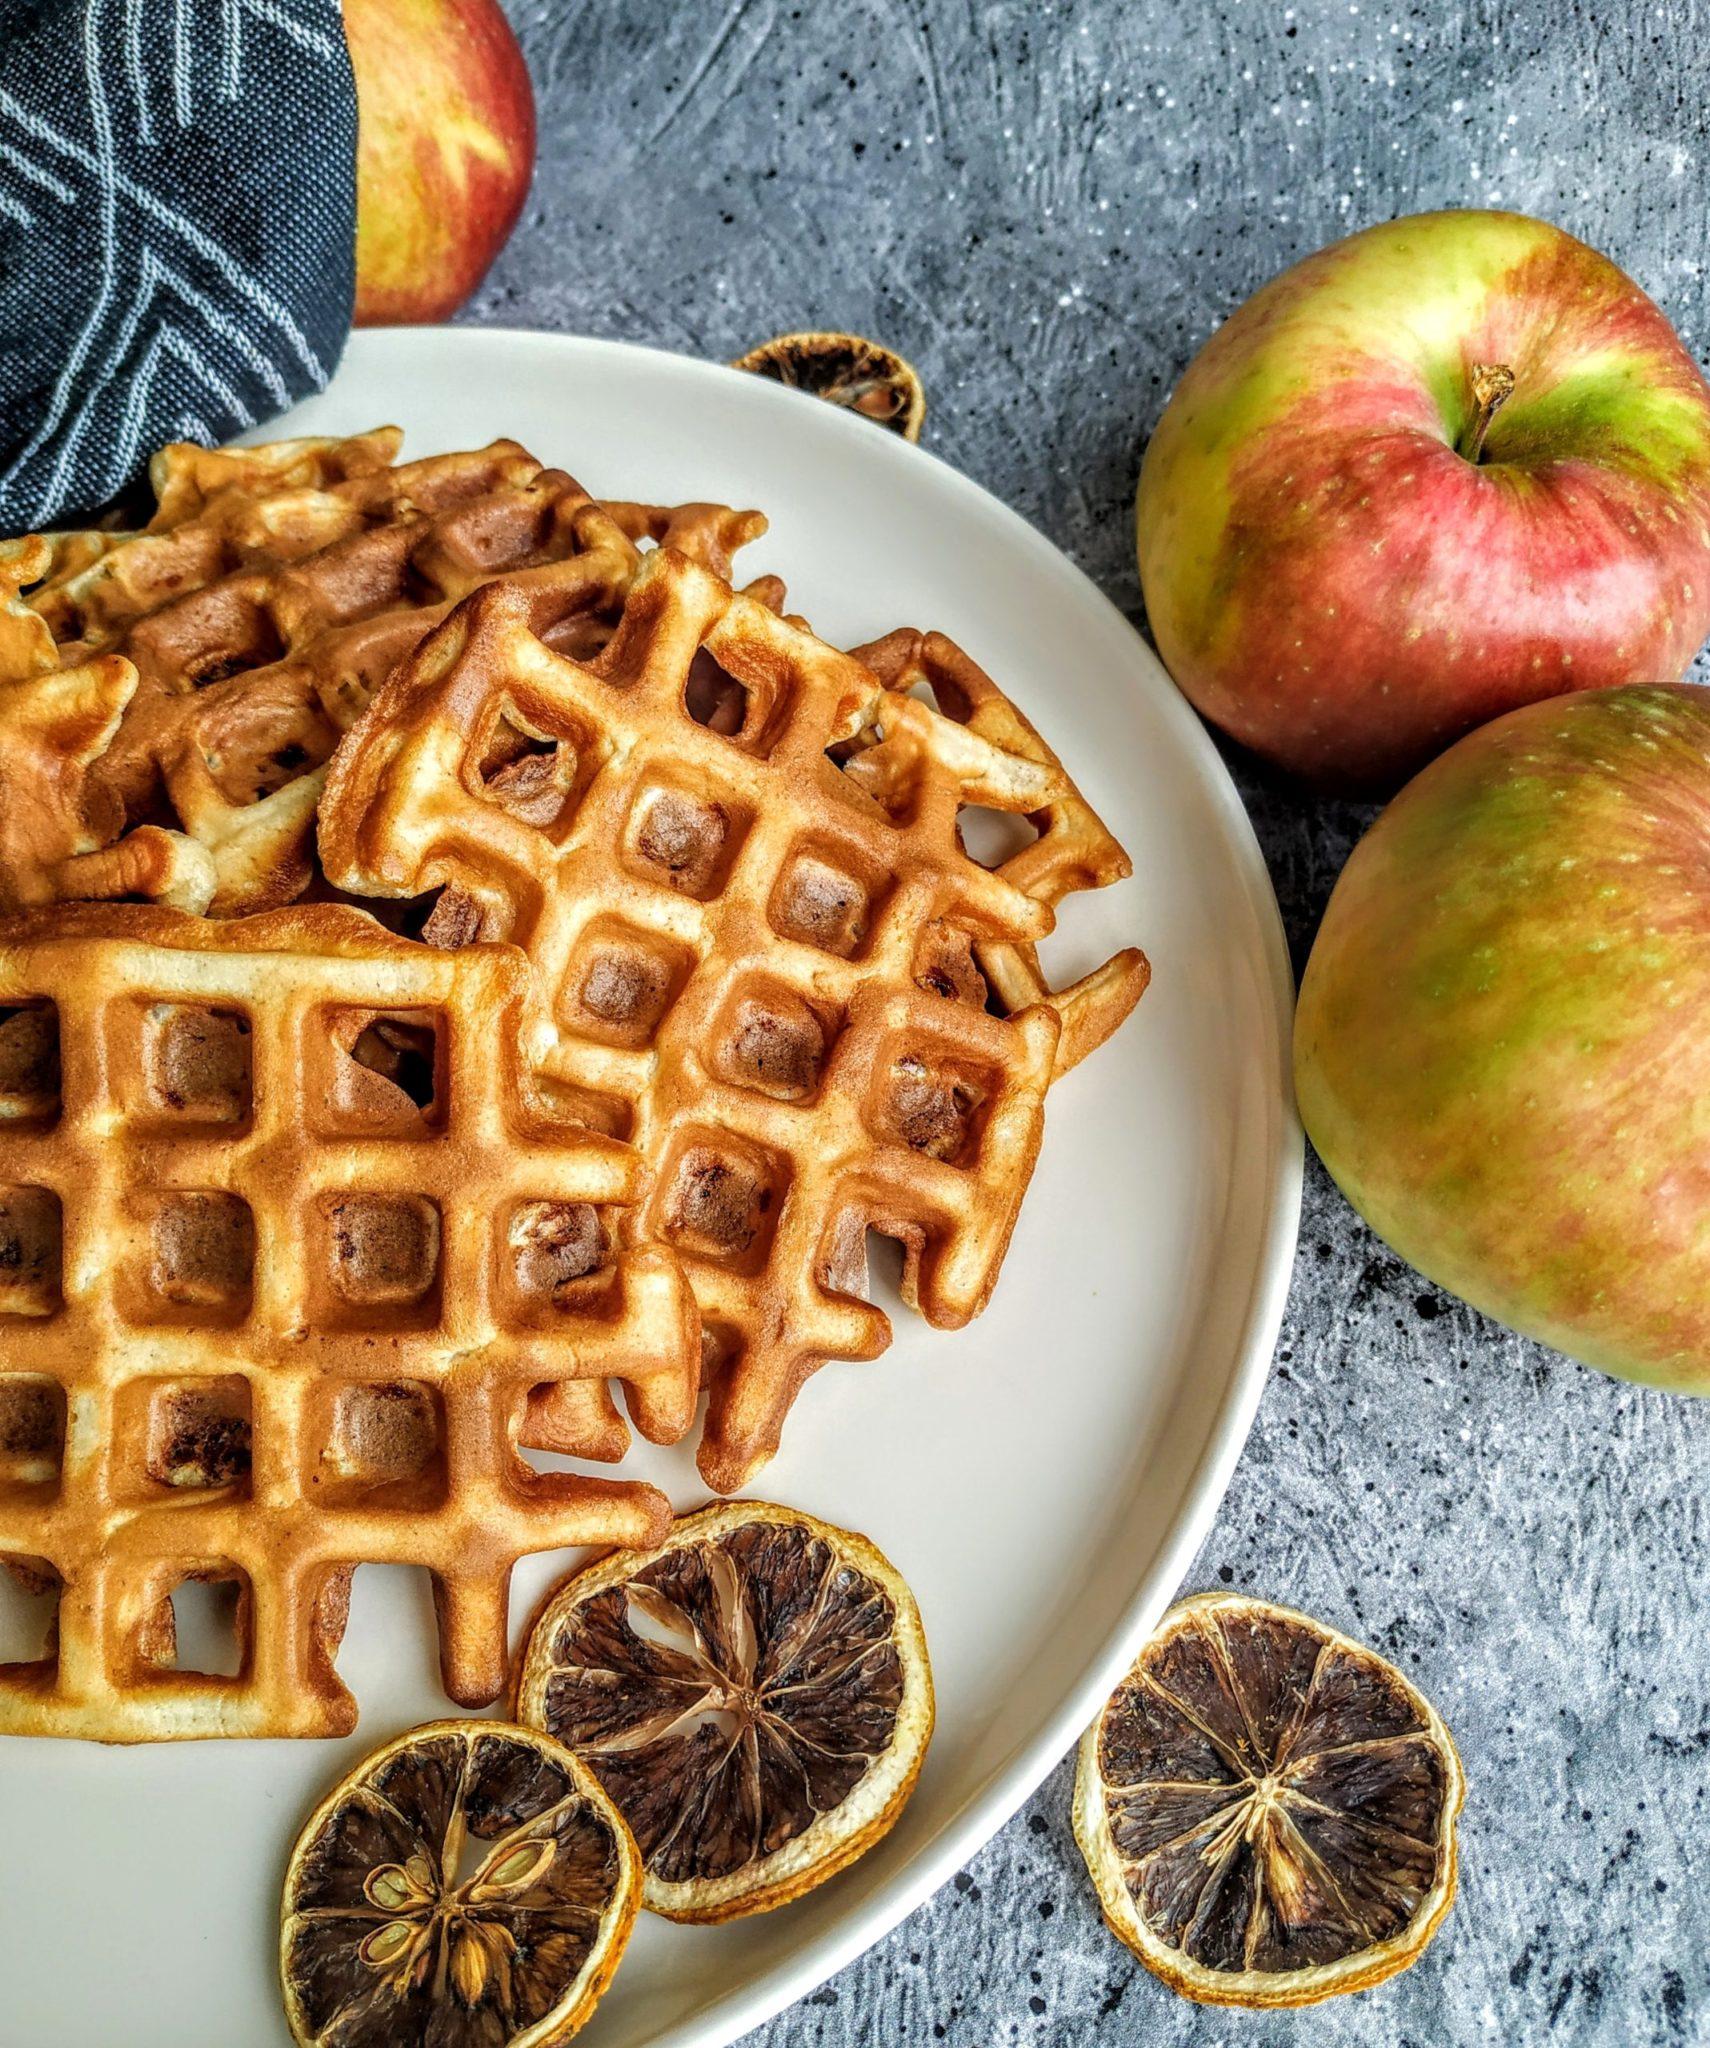 gofry, racuchy, placuszki, placki, gofry jabłkowe, racuchy z jabłkiem, placki z jabłkiem, śniadanie, zdrowe śniadanie